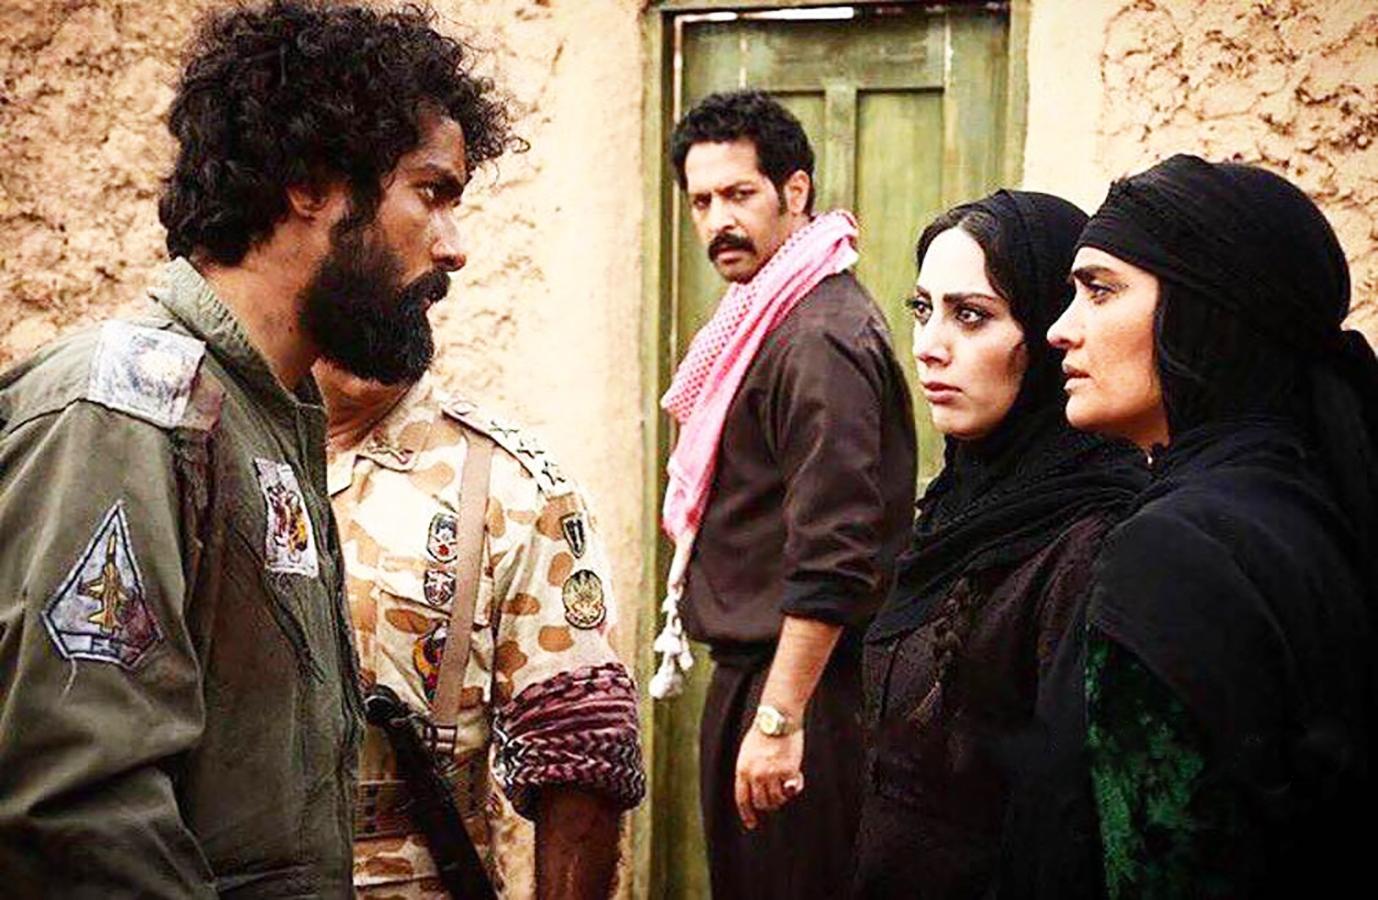 معرفى فيلمهاى مهم جشنواره فجر – قسمت سوم